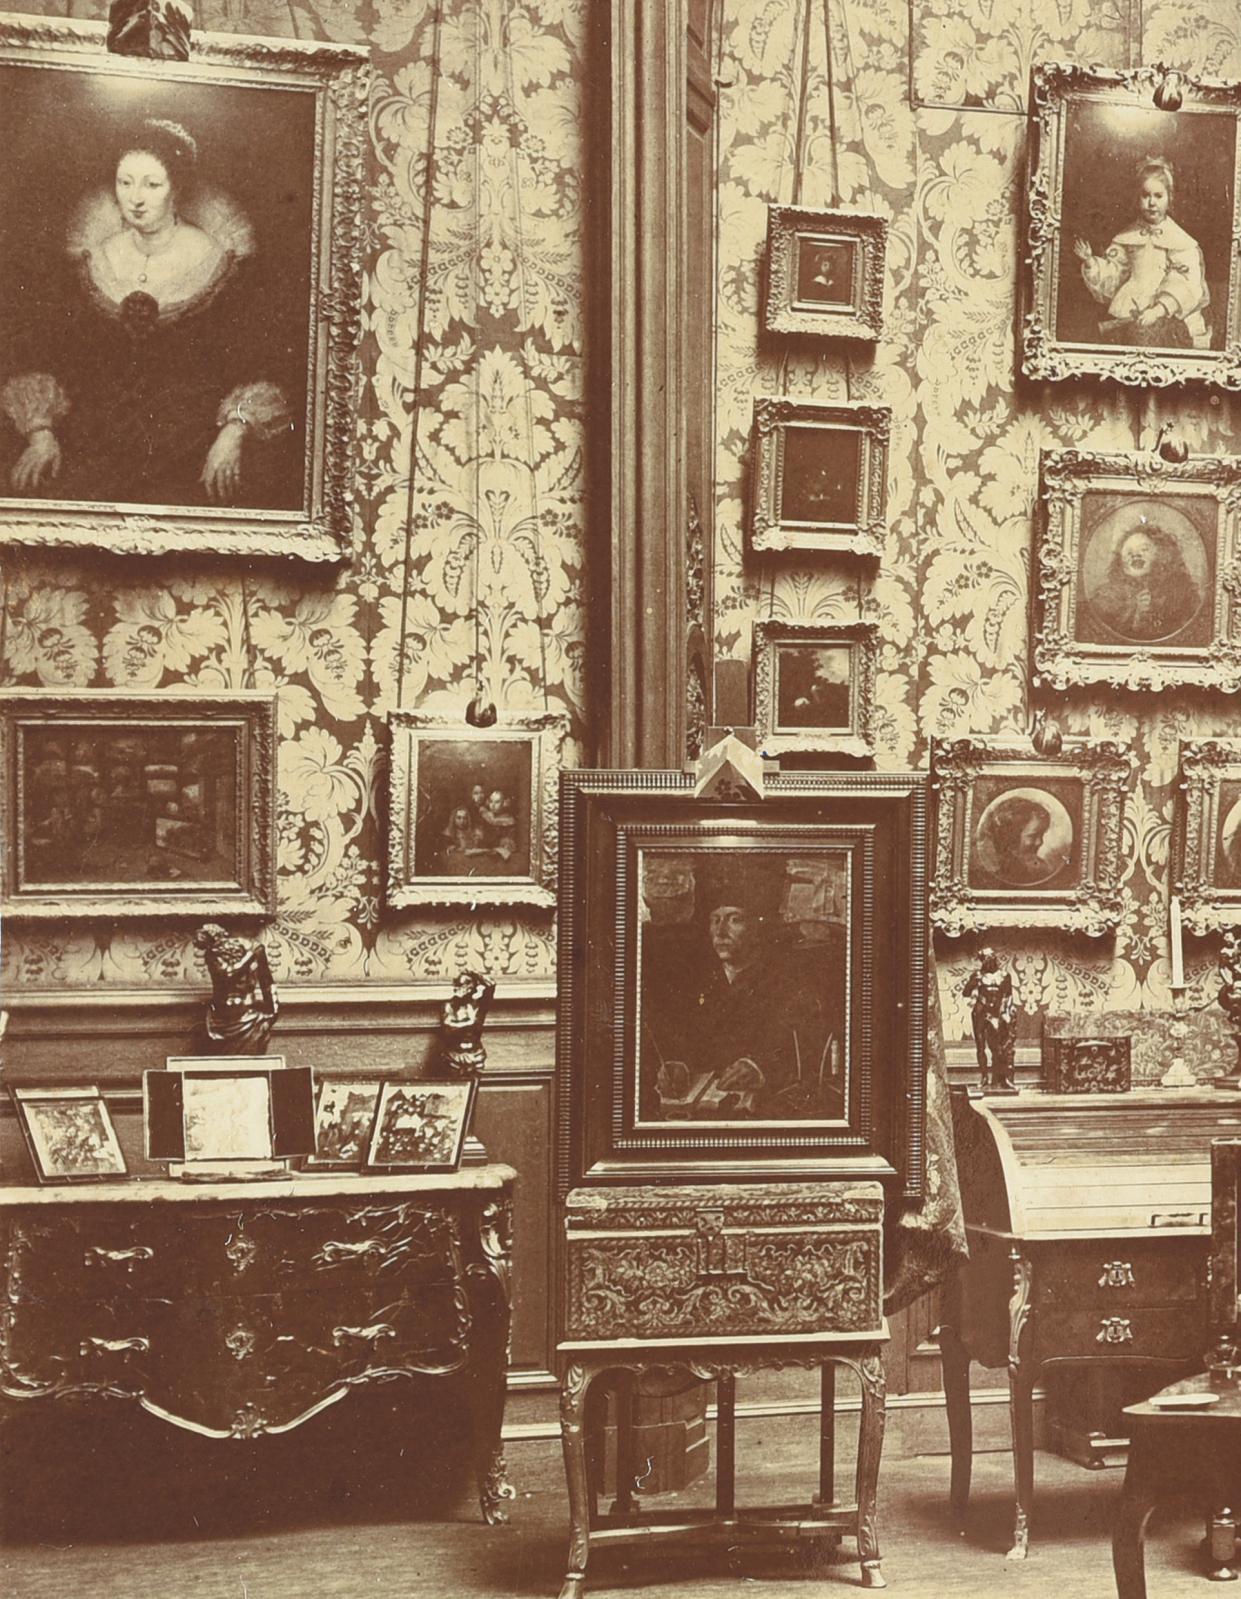 Intérieur de l'hôtel particulier de Jules Porgès, avenue Montaigne, avec, posée au centre de la commode à gauche, la plaque dans son cadre